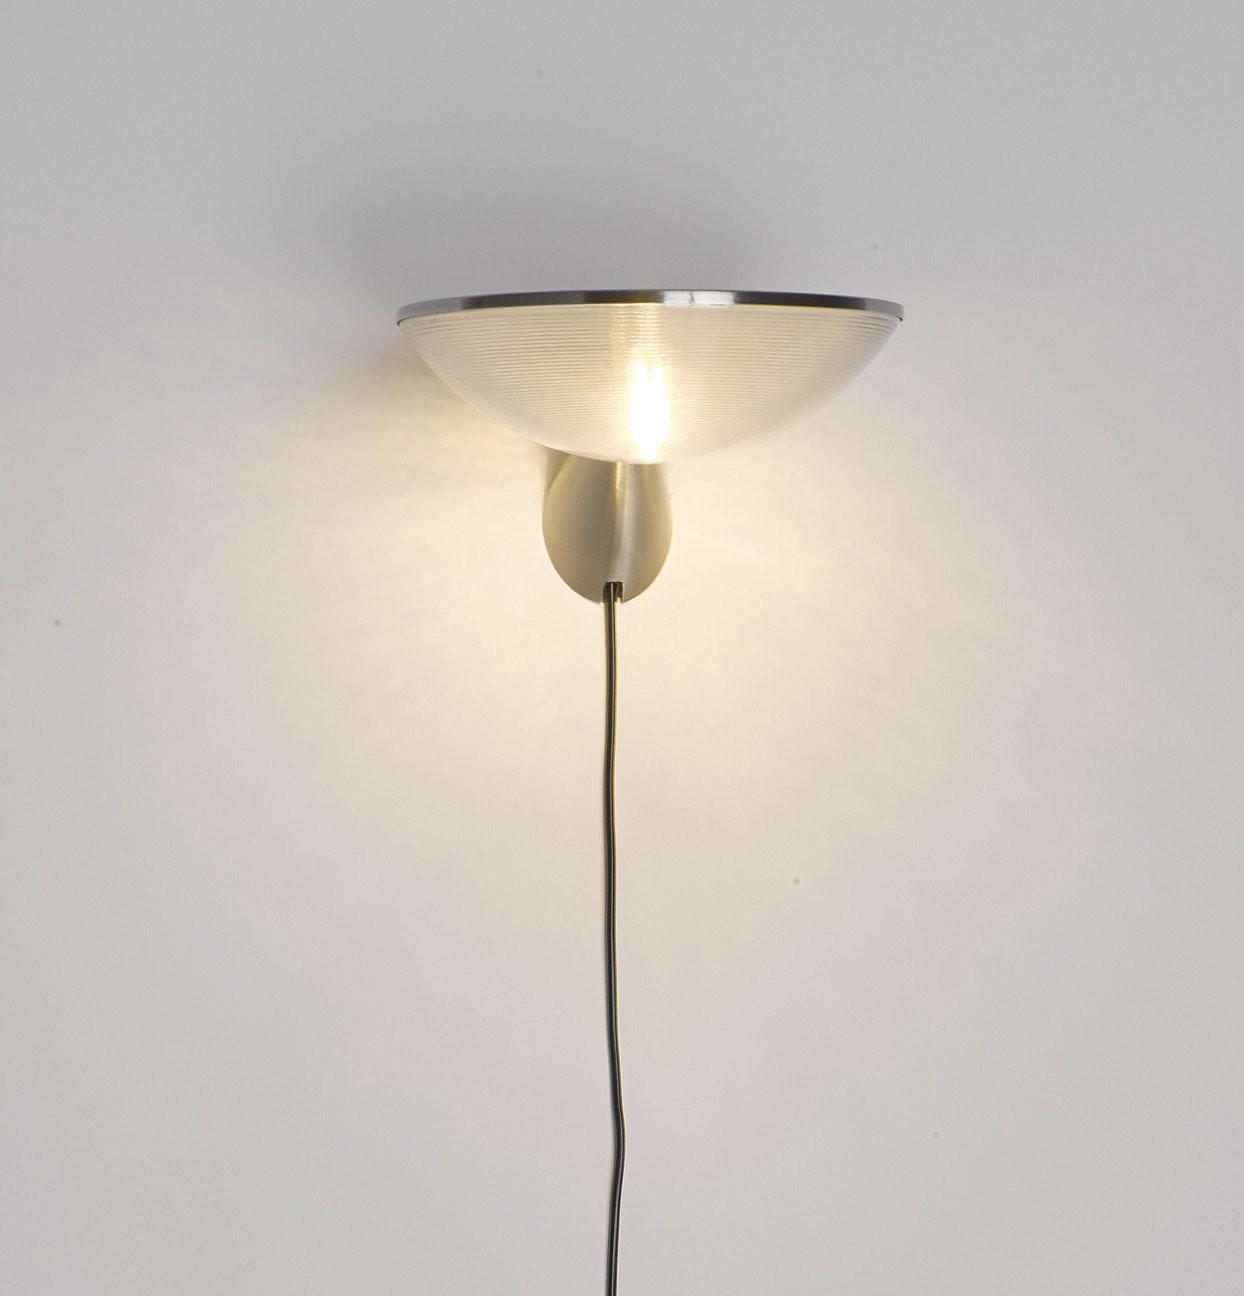 philips mygarden solar aussenleuchte barley led edelstahl. Black Bedroom Furniture Sets. Home Design Ideas